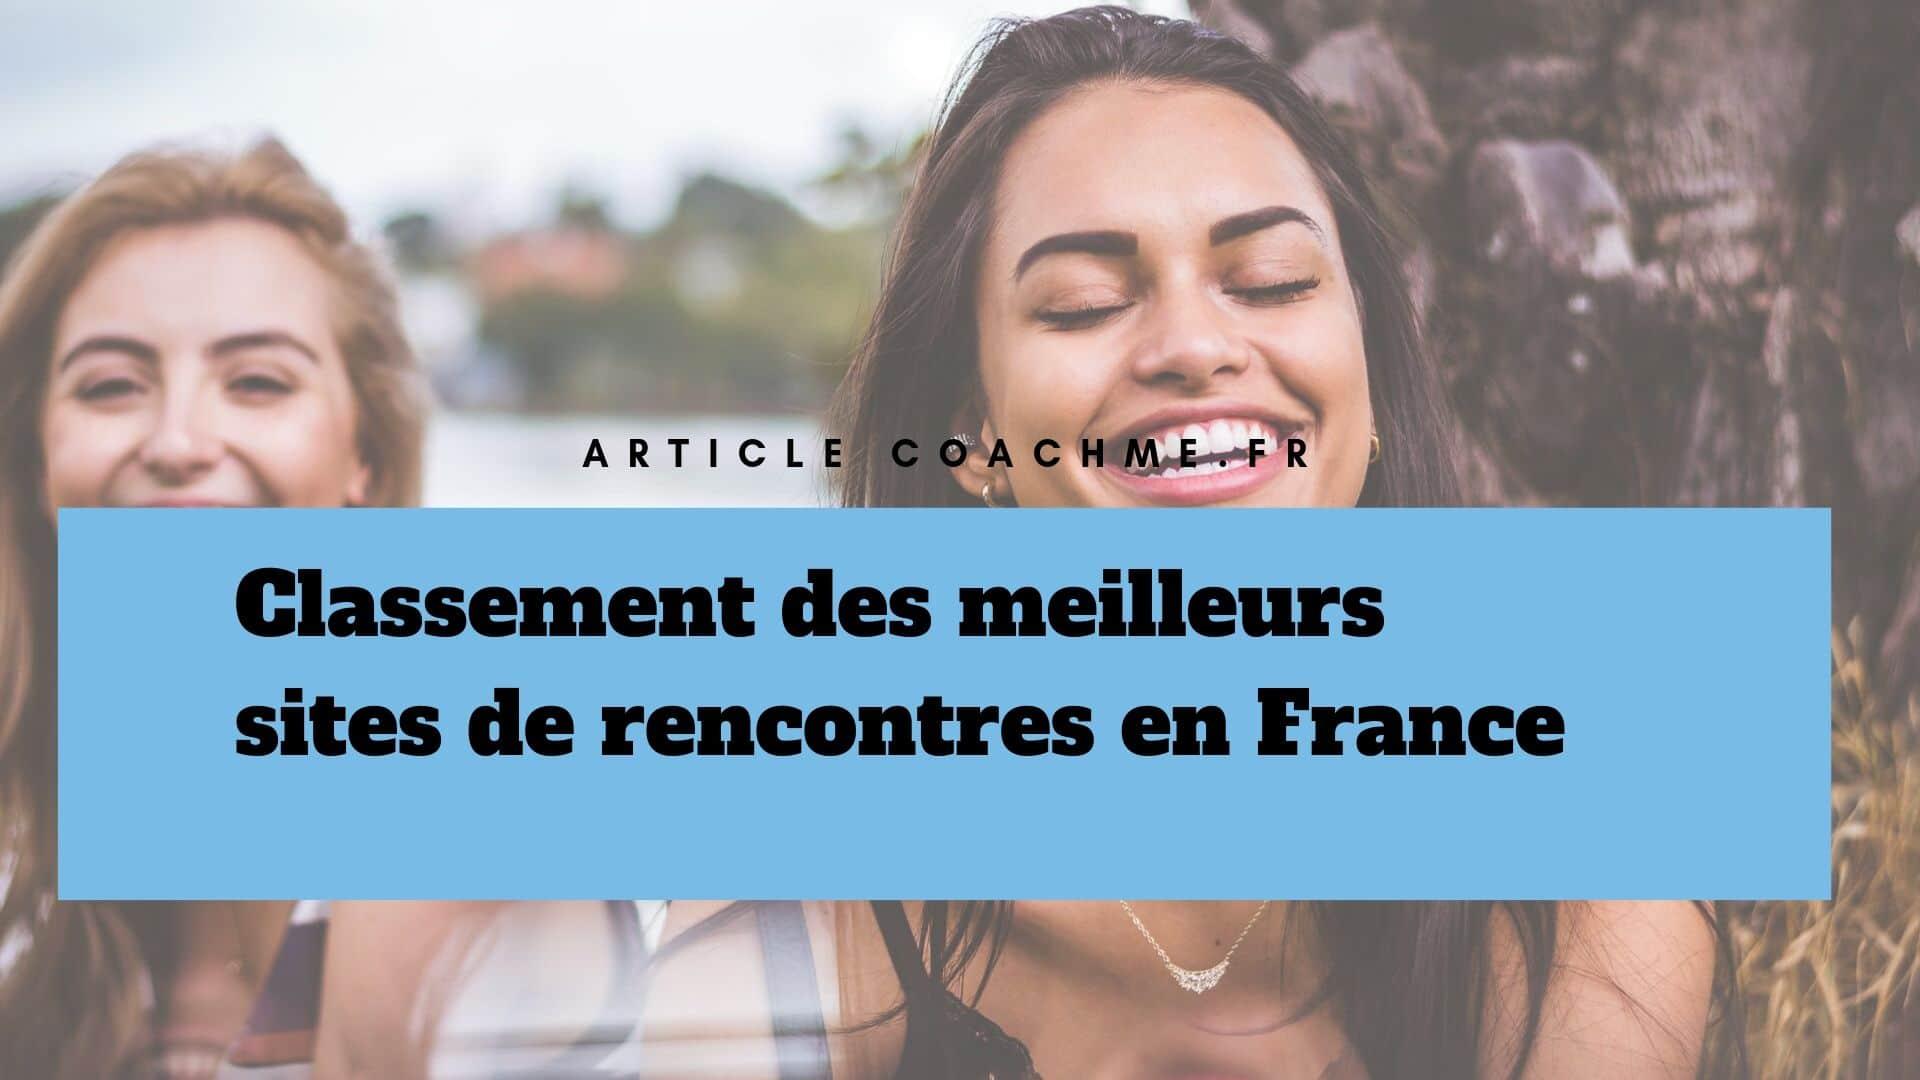 100 rencontres gratuites en France